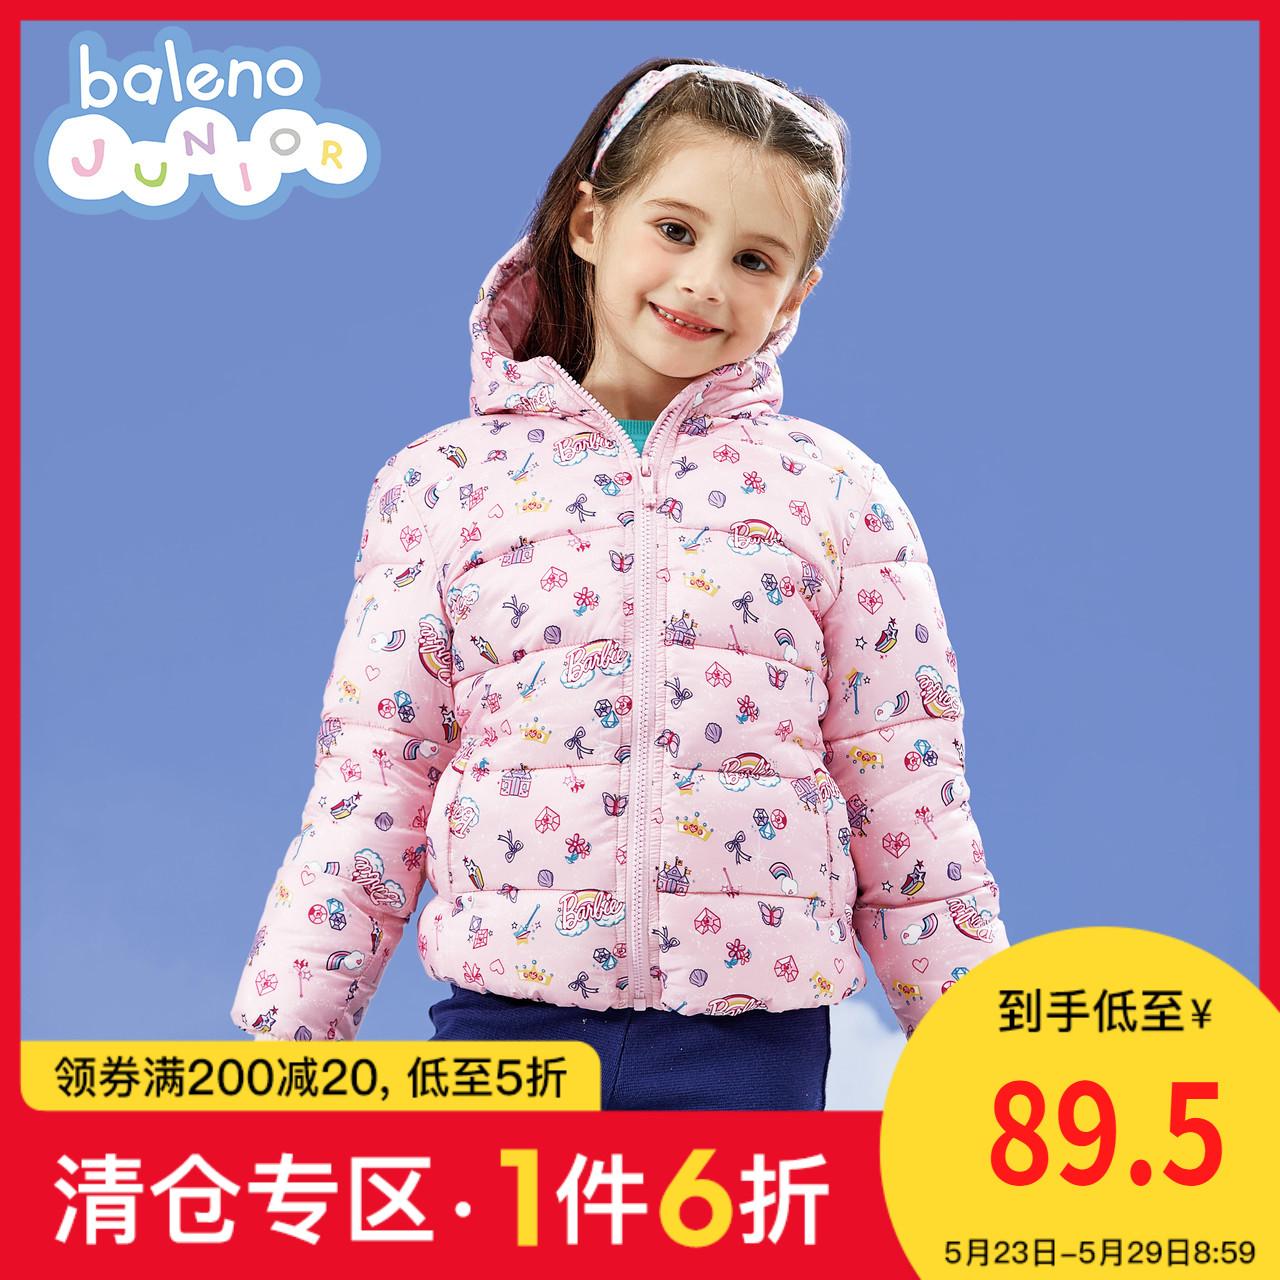 班尼路童装2020秋冬新款芭比印花女童棉服洋气加厚儿童外套韩版潮图片